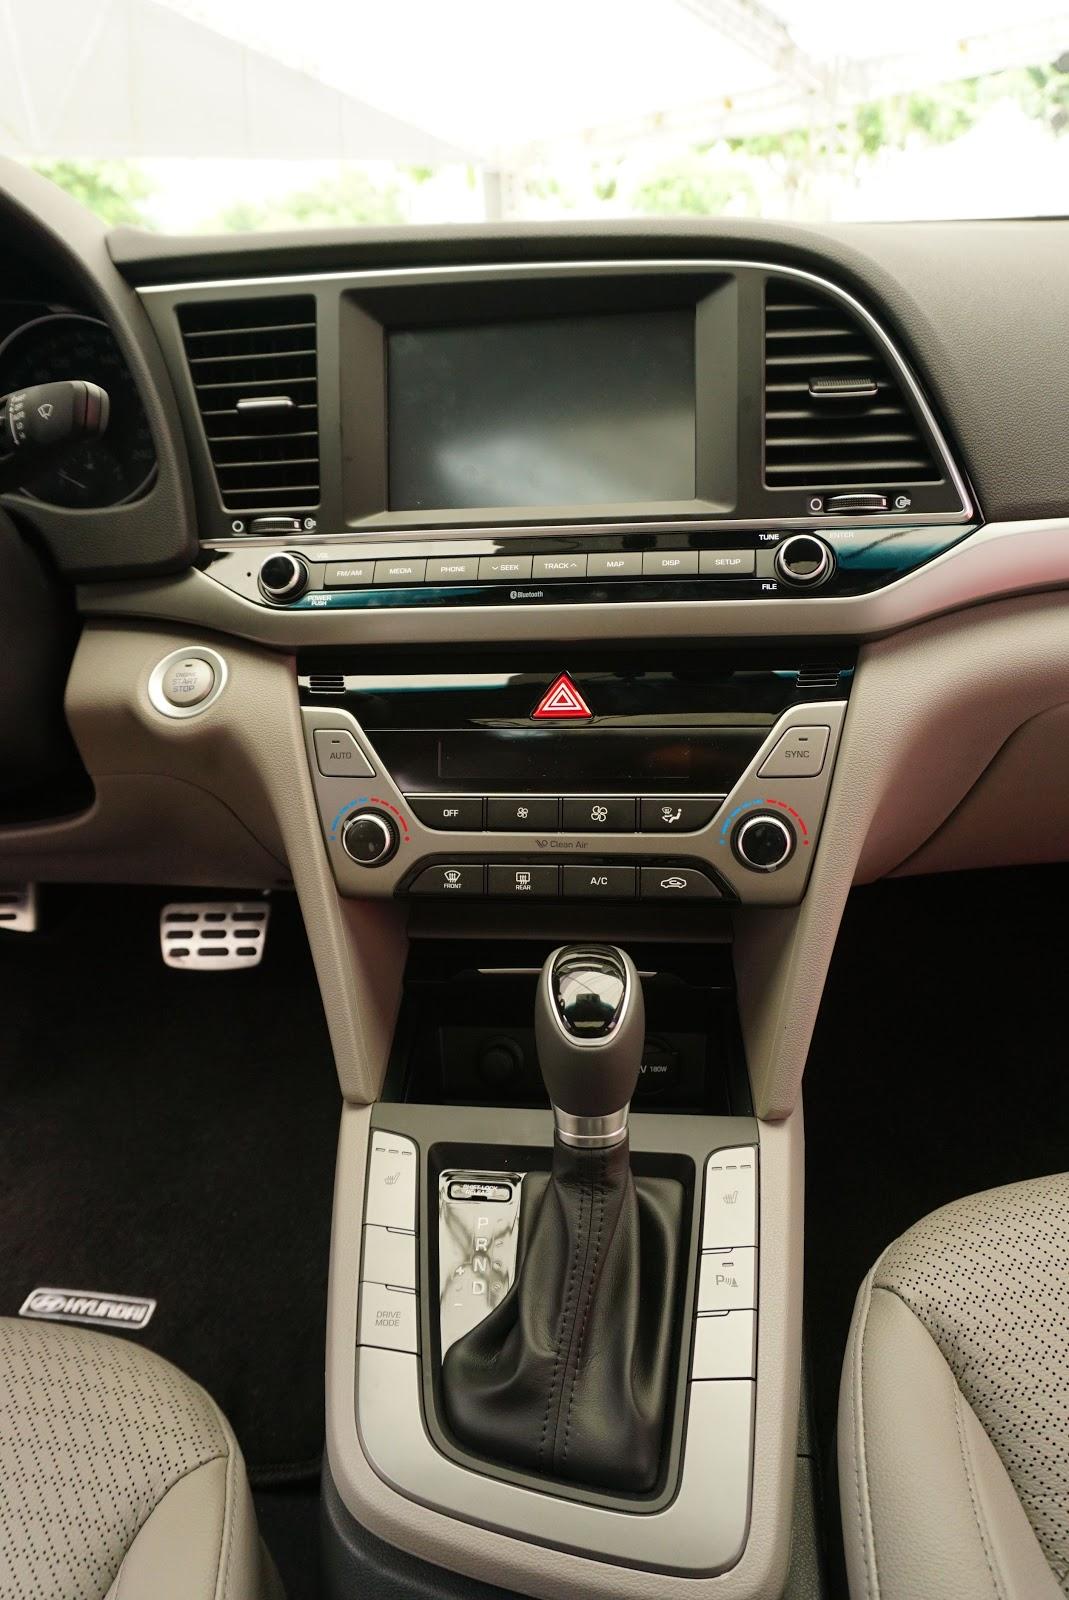 Quá đẹp với trung tâm điều khiển của Hyundai Elantra 2016